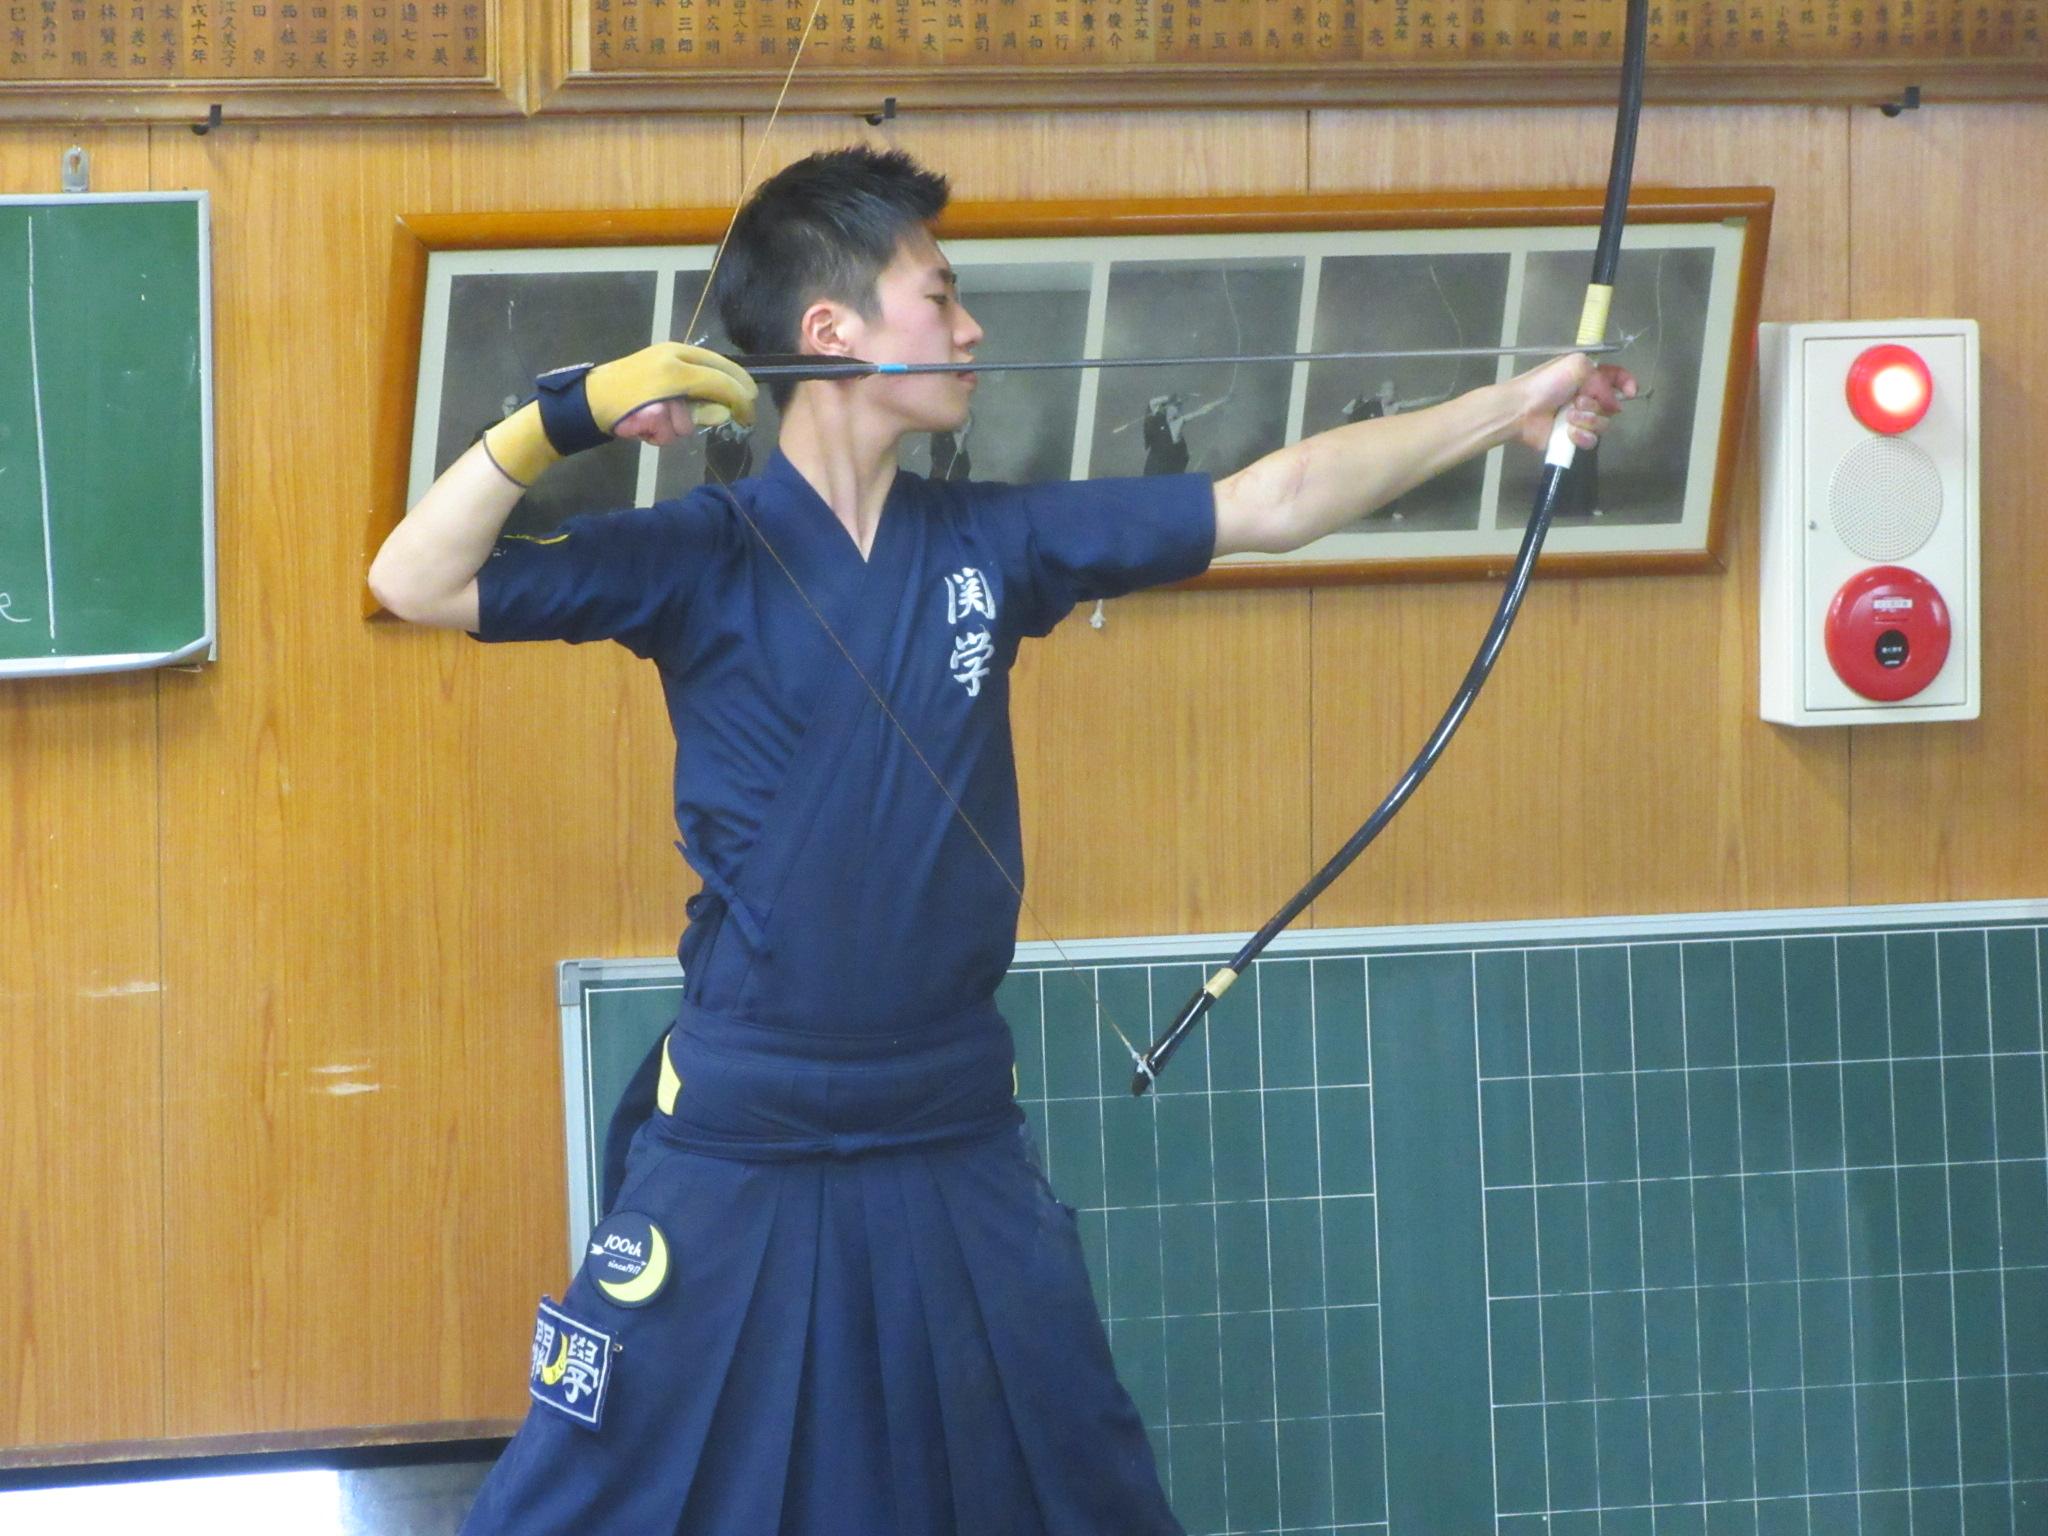 関学Aチームの落は崇徳OBで男子副将の川瀬(4)